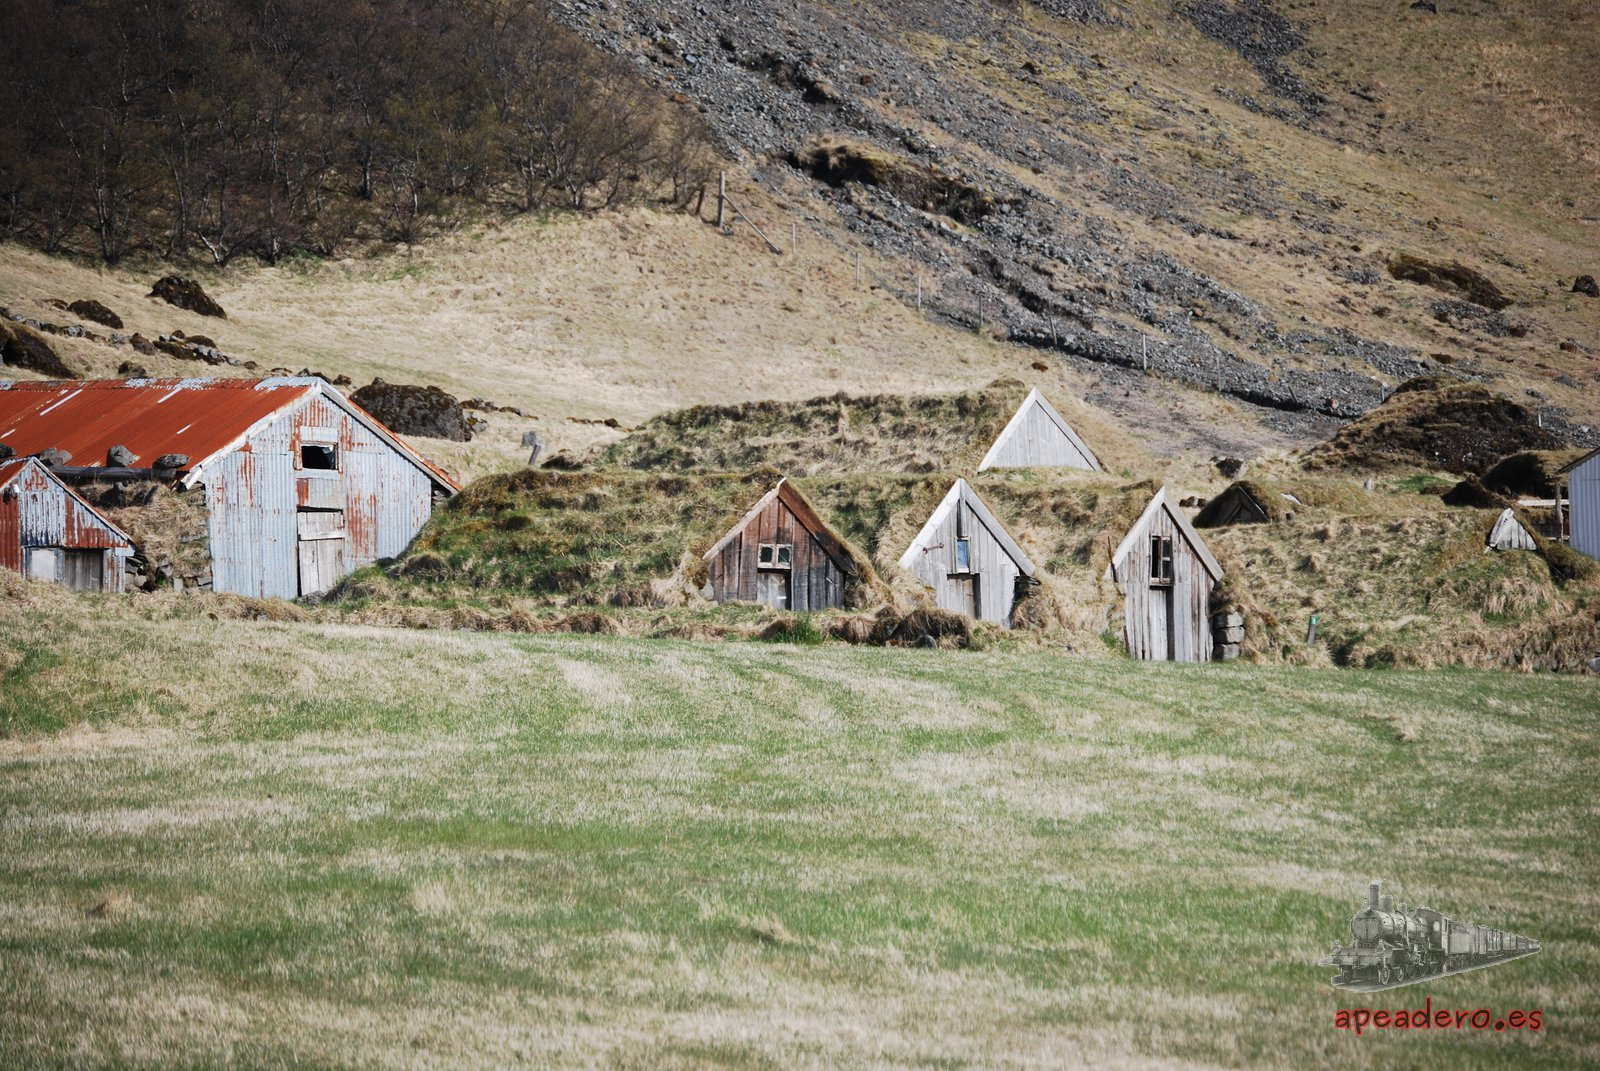 Desgraciadamente, para acercarse a las casas de tejado de turba hace falta un buen teleobjetivo o saltarse una valla.